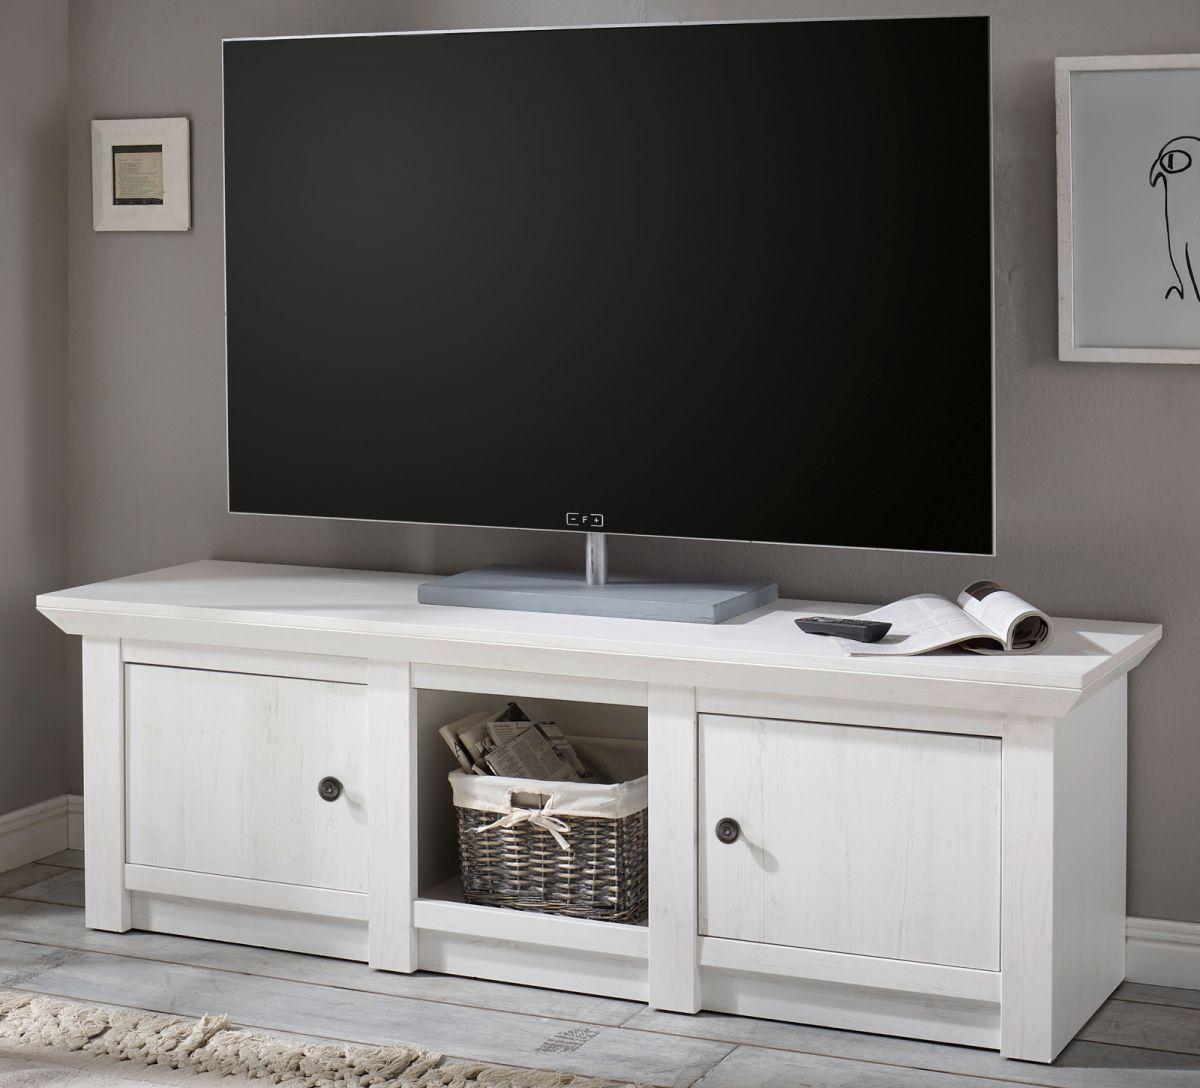 TV-Lowboard Hooge in Pinie weiss 152 x 51 cm